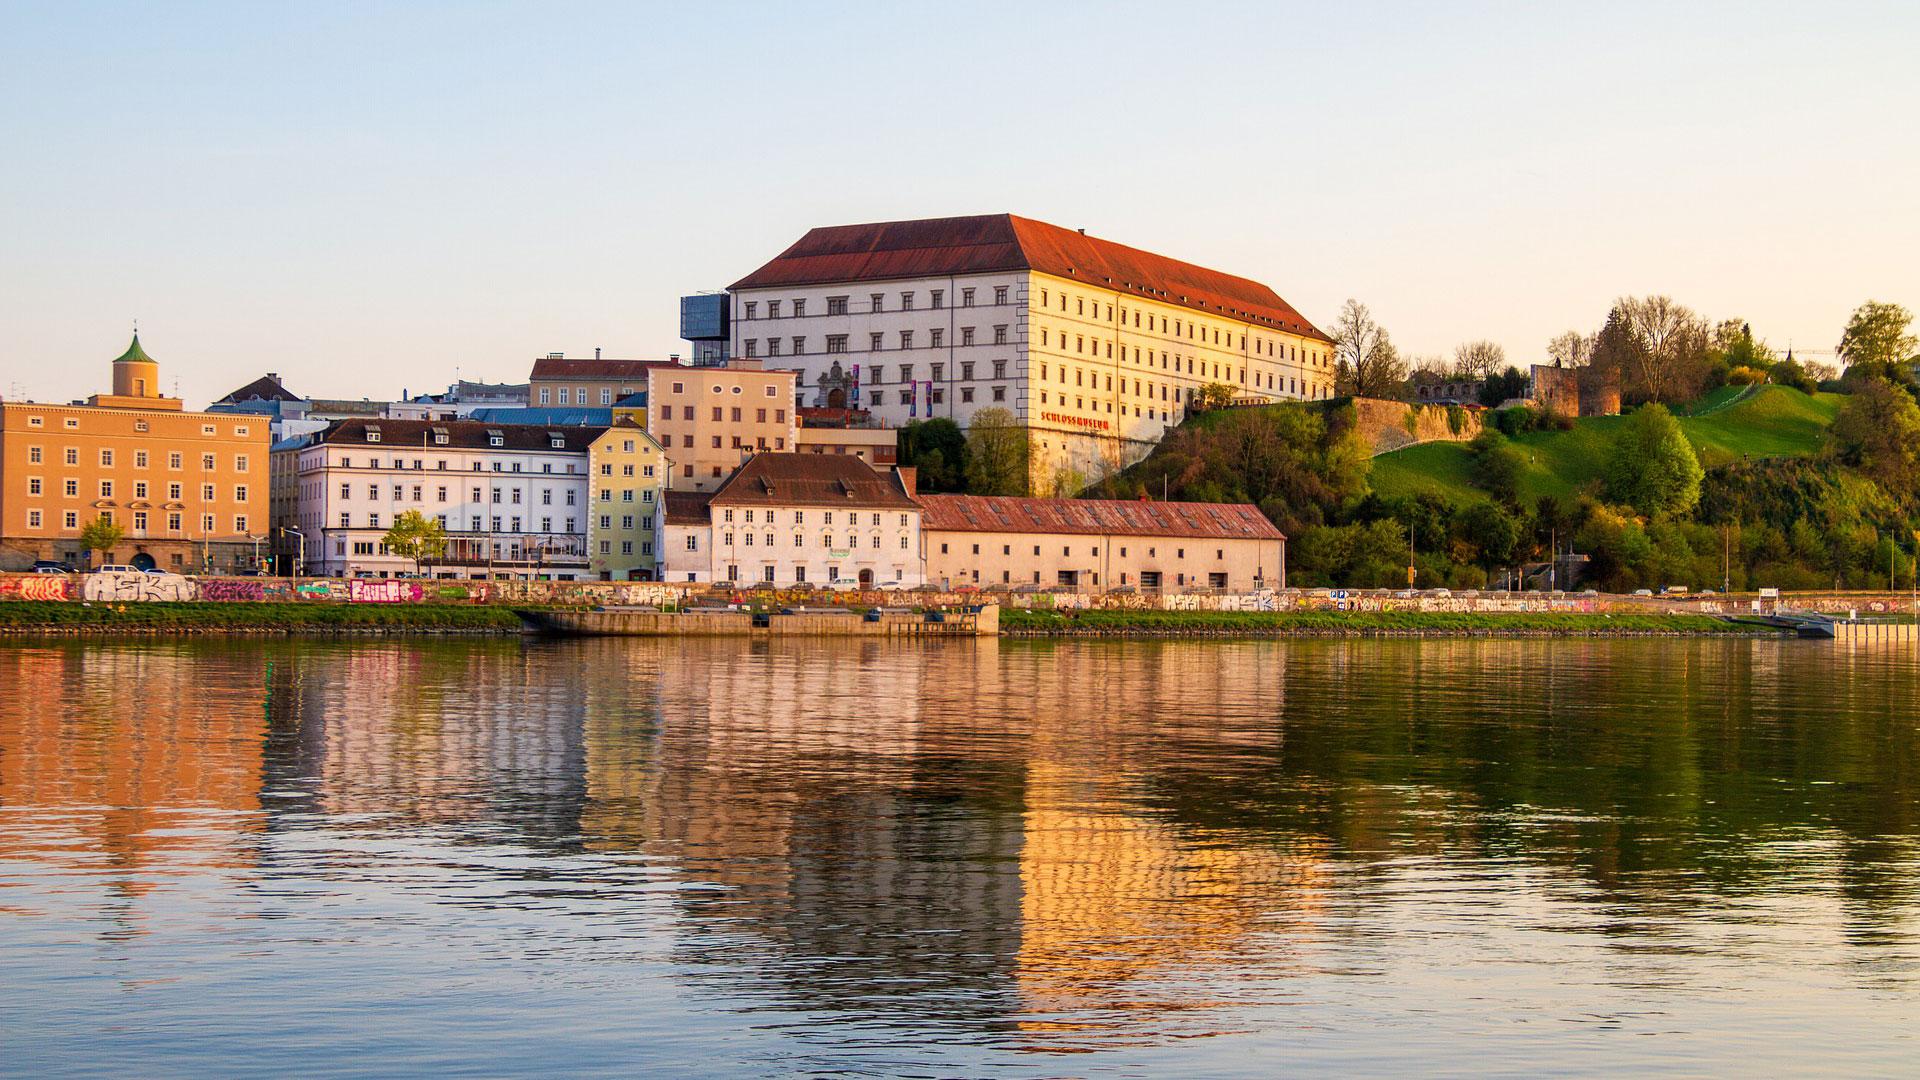 Blik op het Schloss Museum in Linz